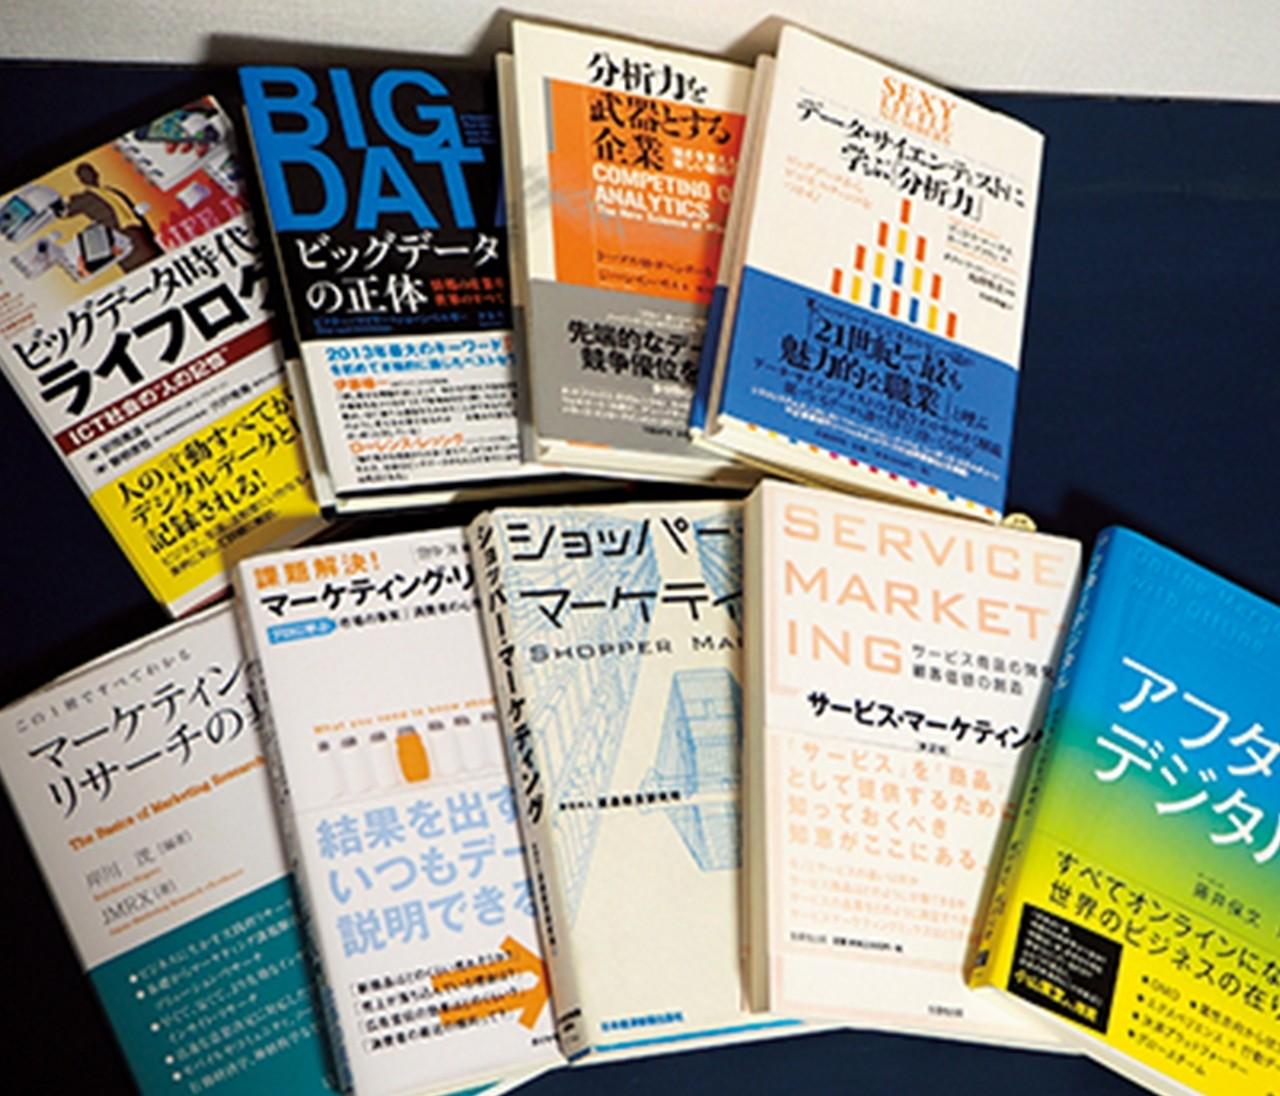 【大人の勉強リスタート】仕事で活用!「マーケティング検定」の勉強法